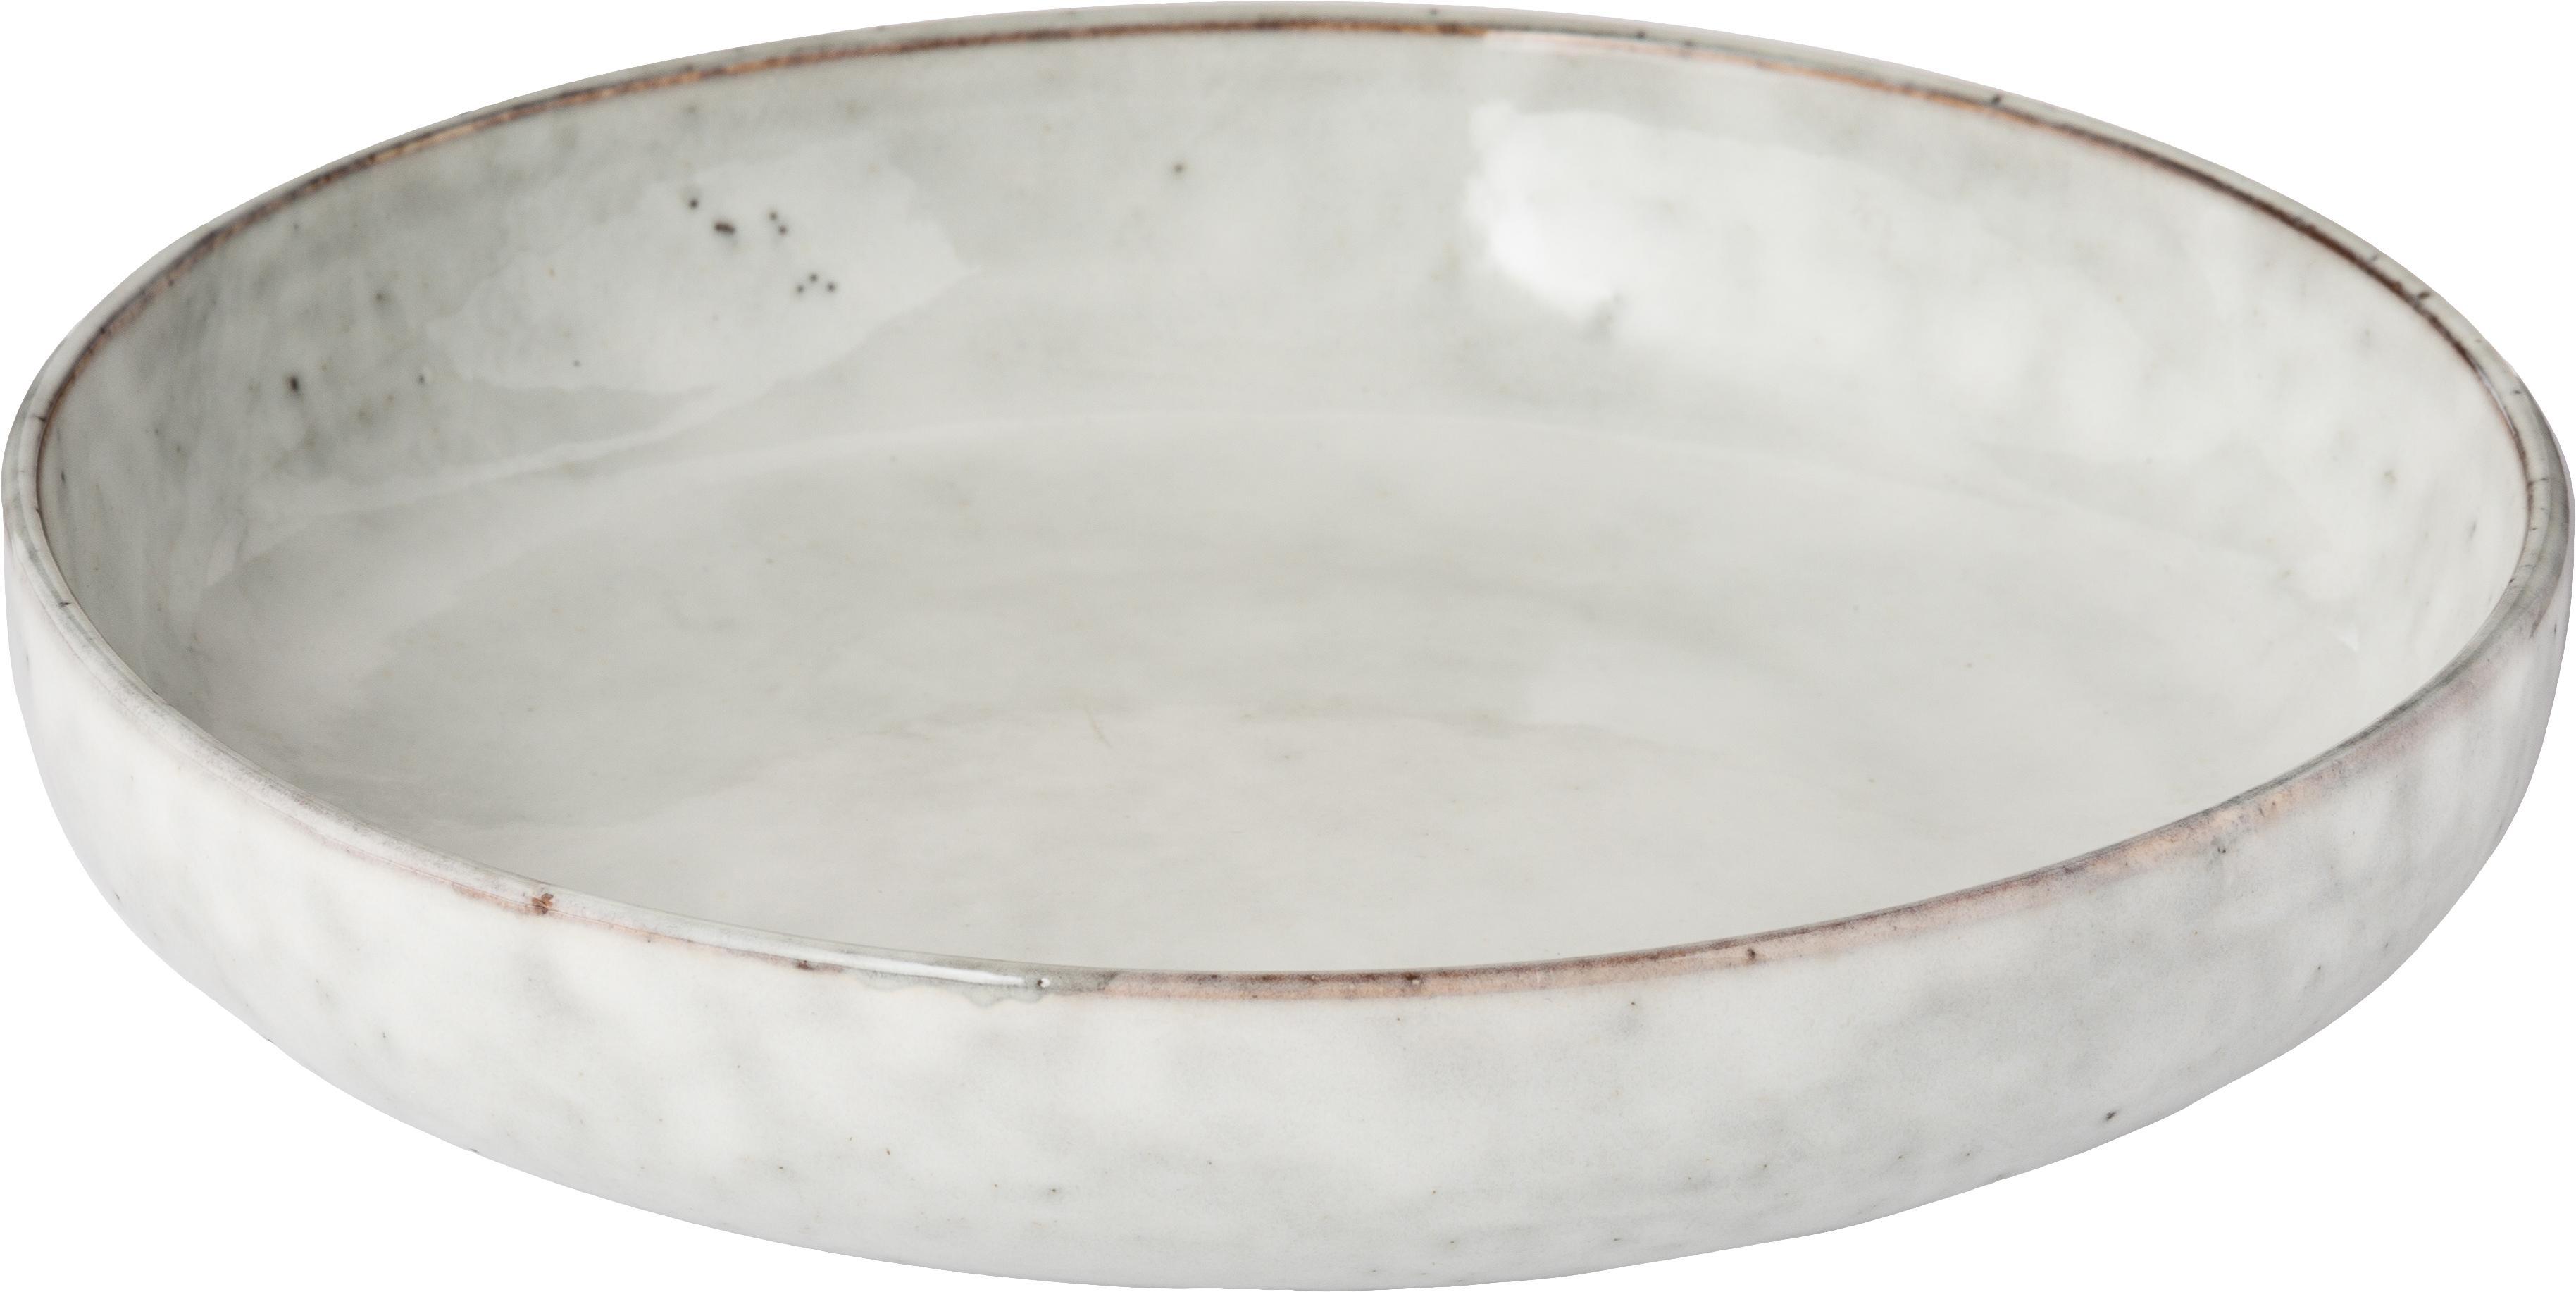 Boles artesanales Nordic Sand, 4uds., Gres, Arena, Ø 22 x Al 5 cm